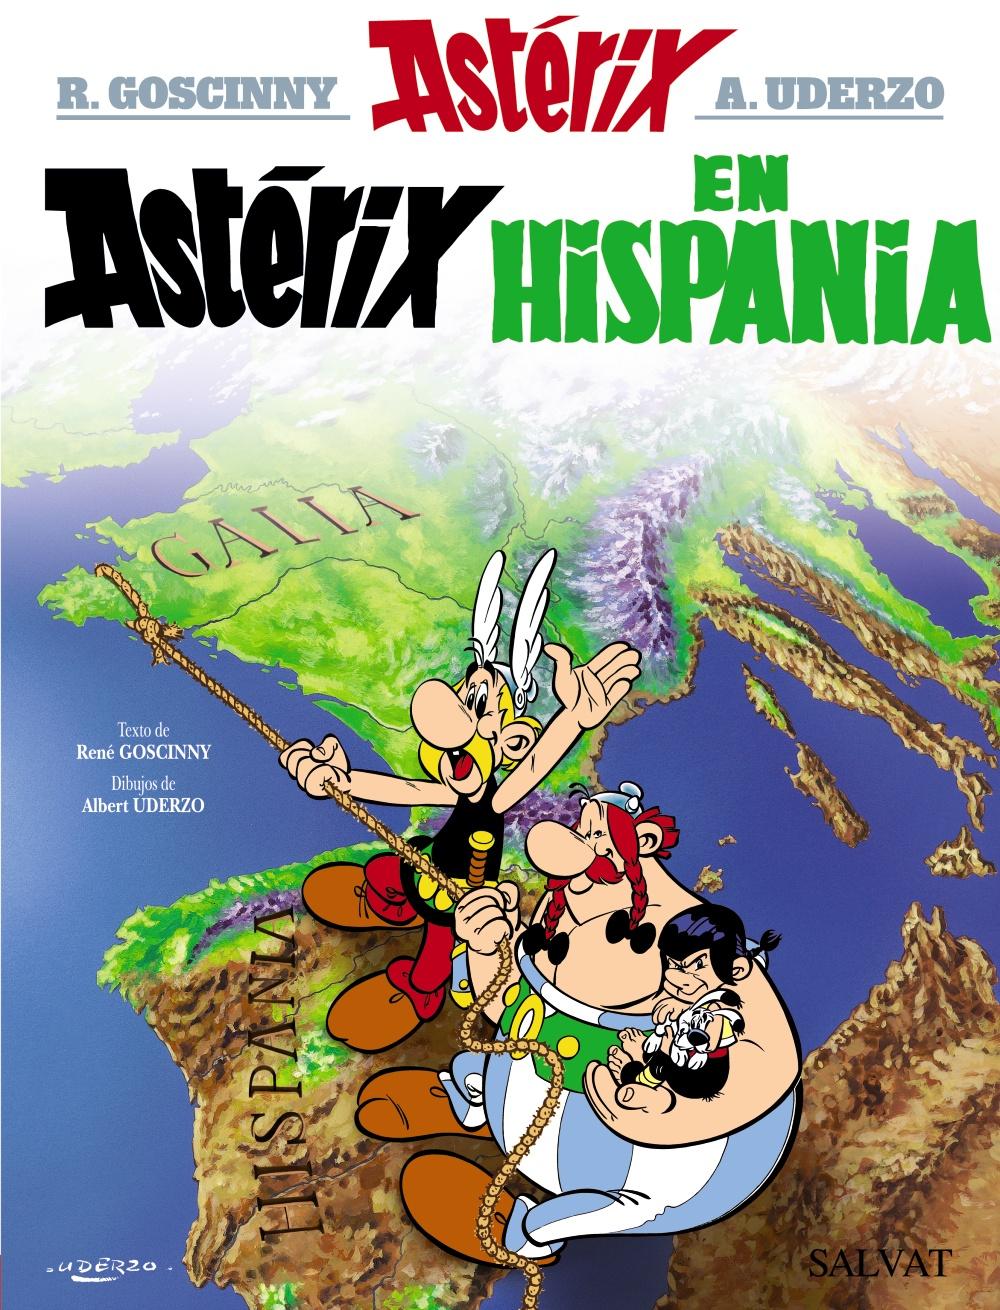 Astérix en Hispania,Goscinny; Uderzo,Salvat  tienda de comics en México distrito federal, venta de comics en México df